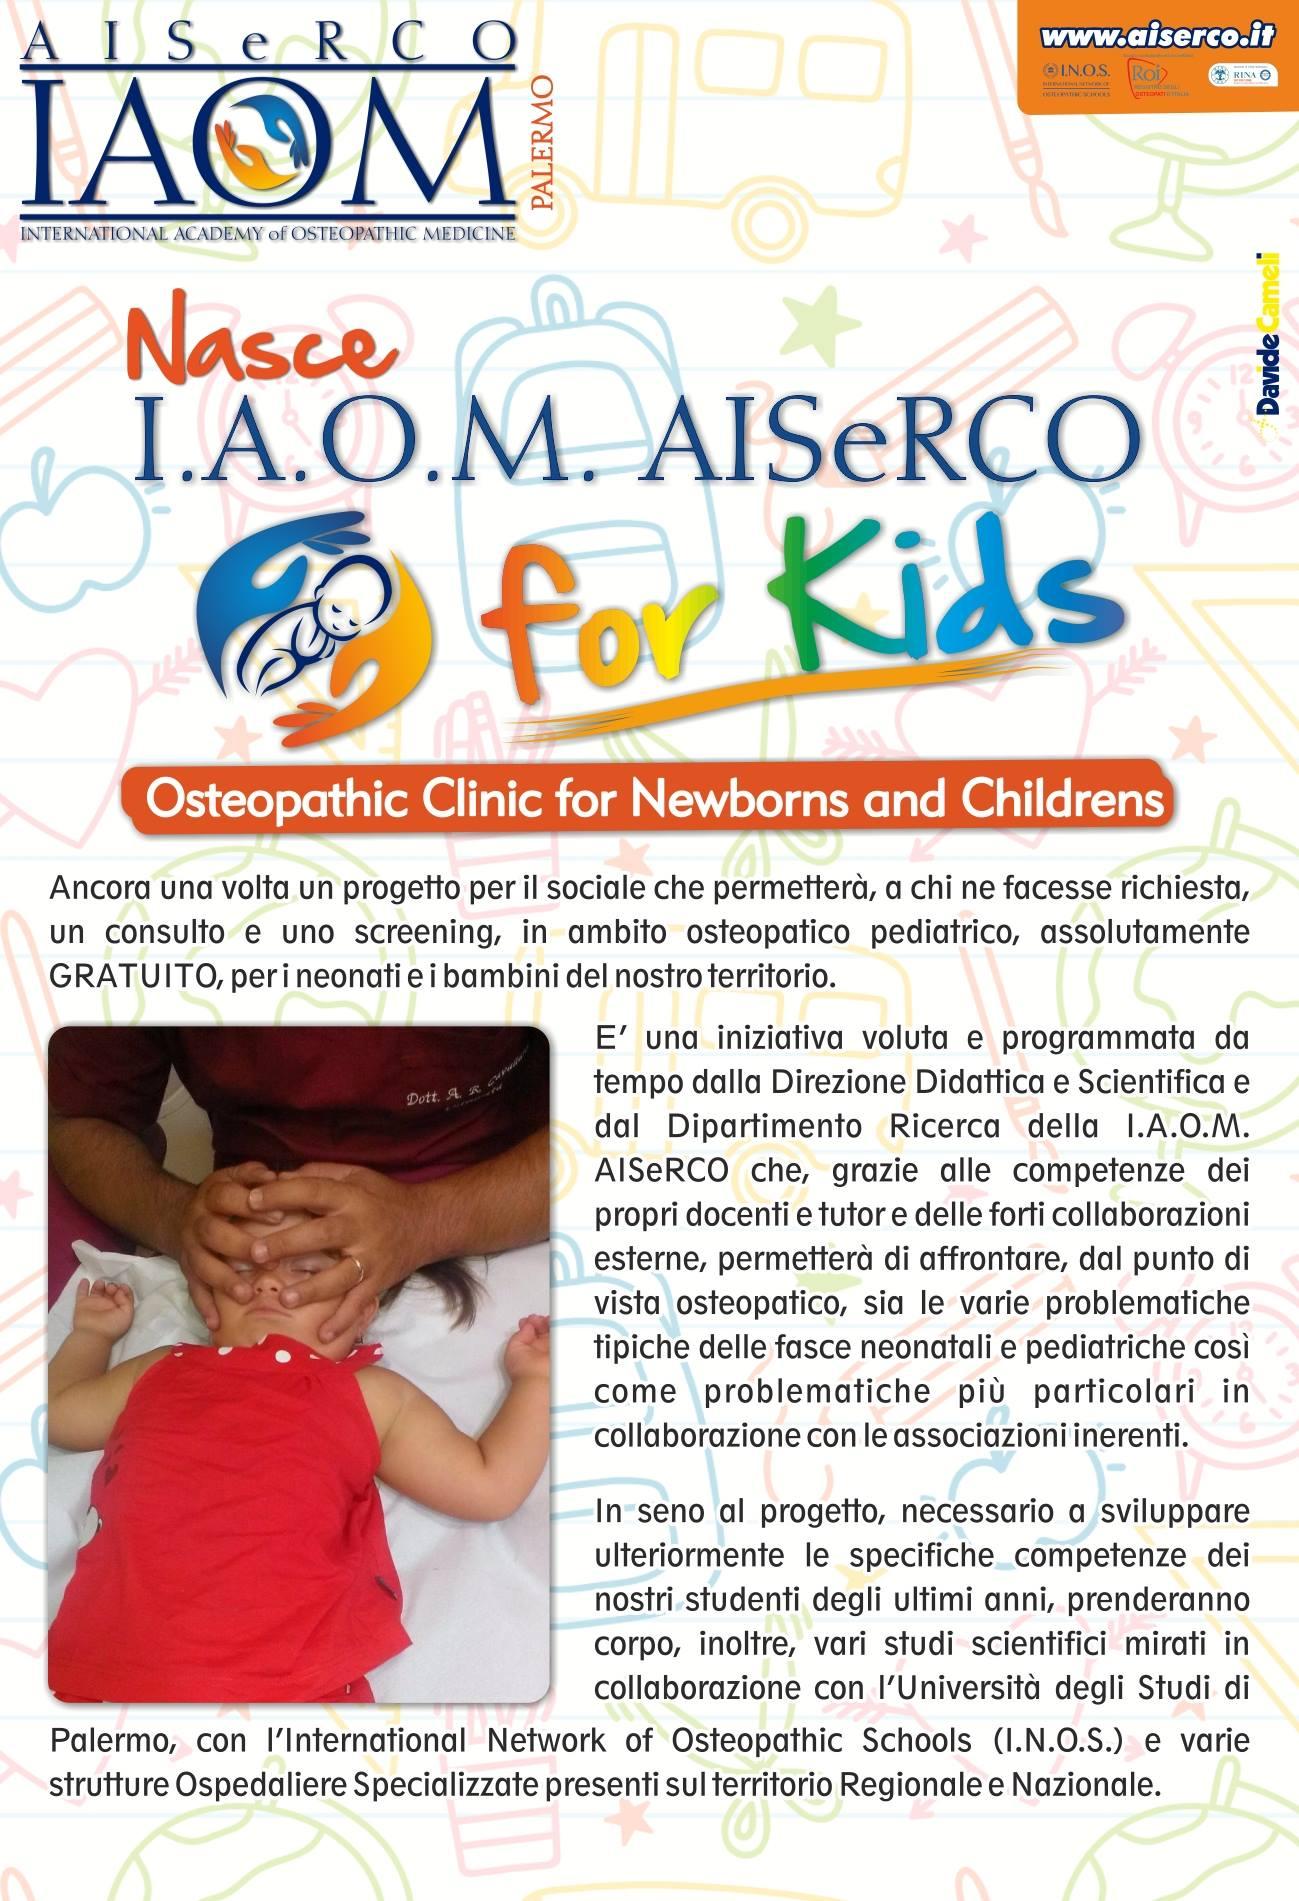 Osteopatia Pedriatica Palermo IAOM AISeRCO